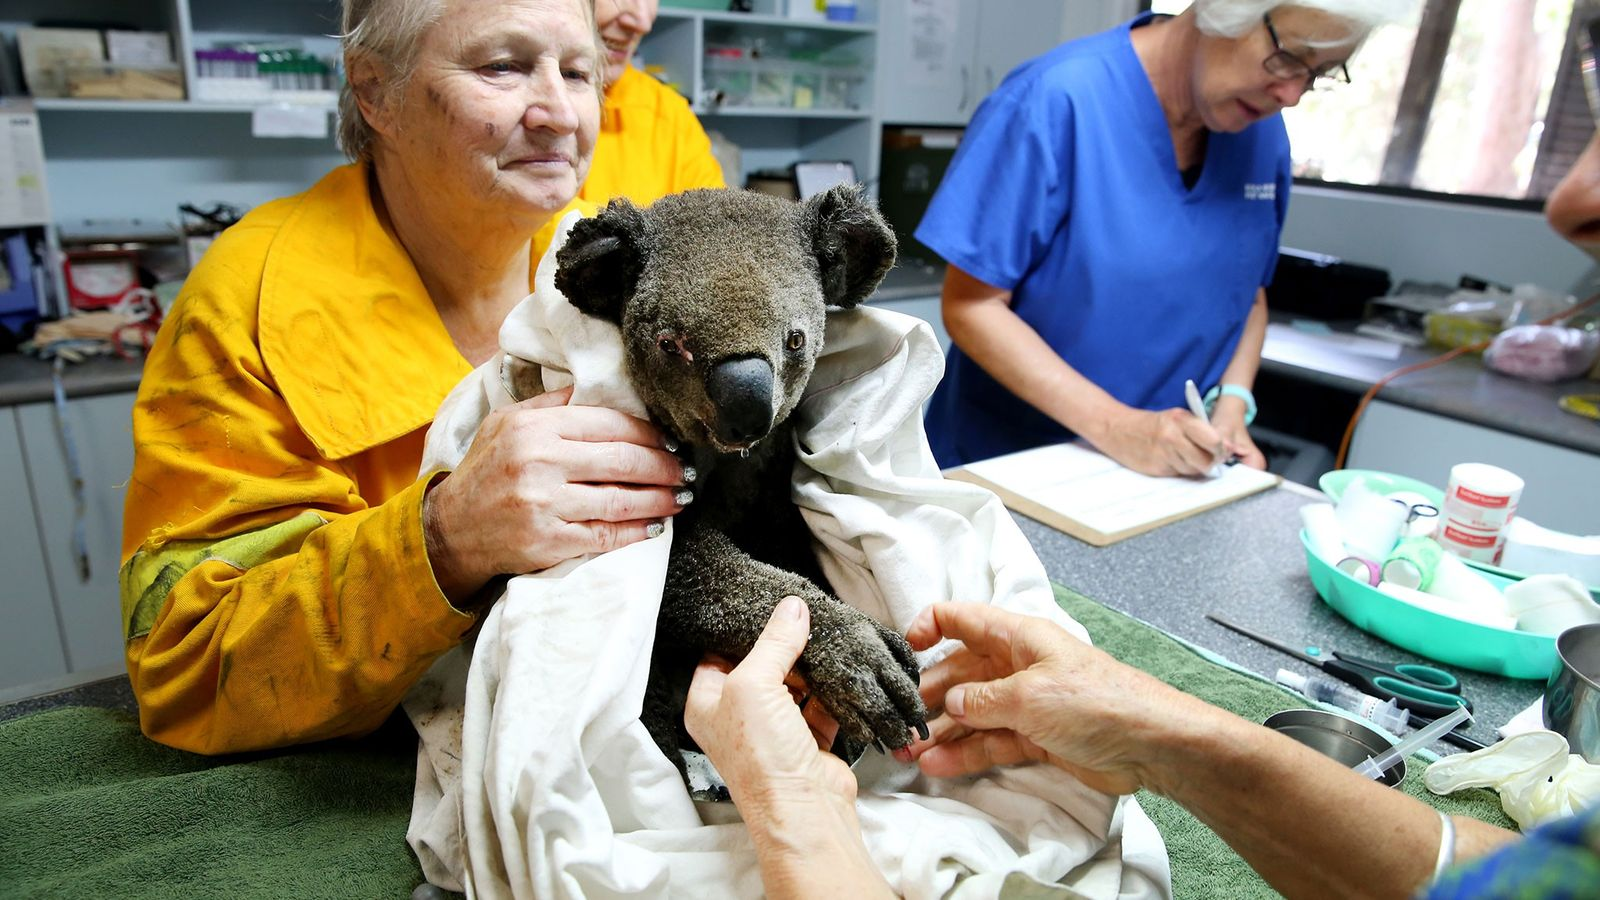 Os funcionários do Hospital de Coalas cuidam dos ferimentos de Peter, um coala macho gravemente desidratado ...